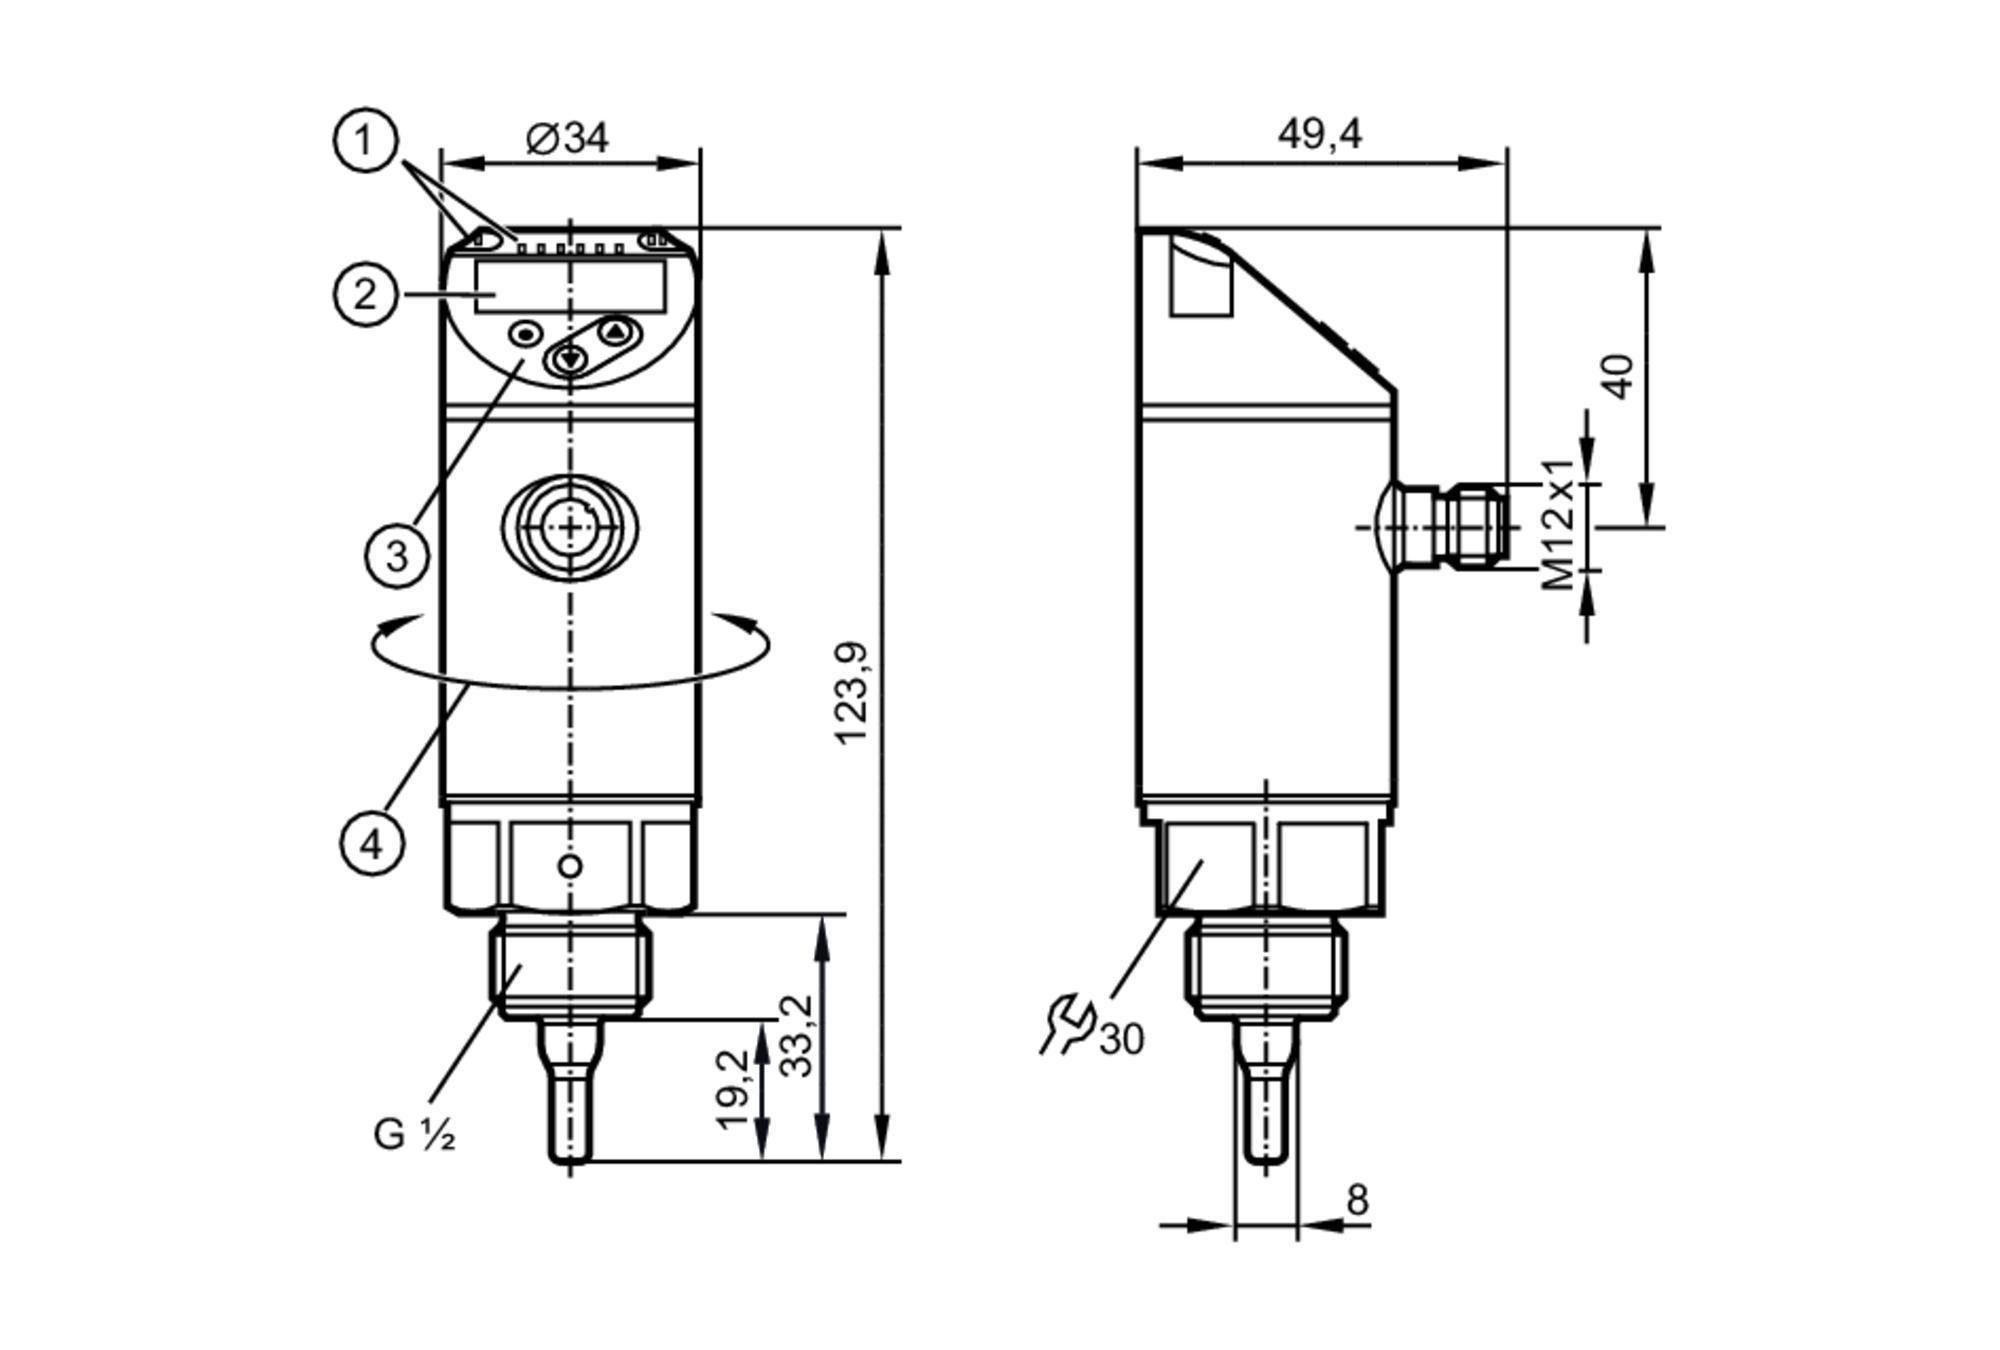 sa2000 - flow sensor